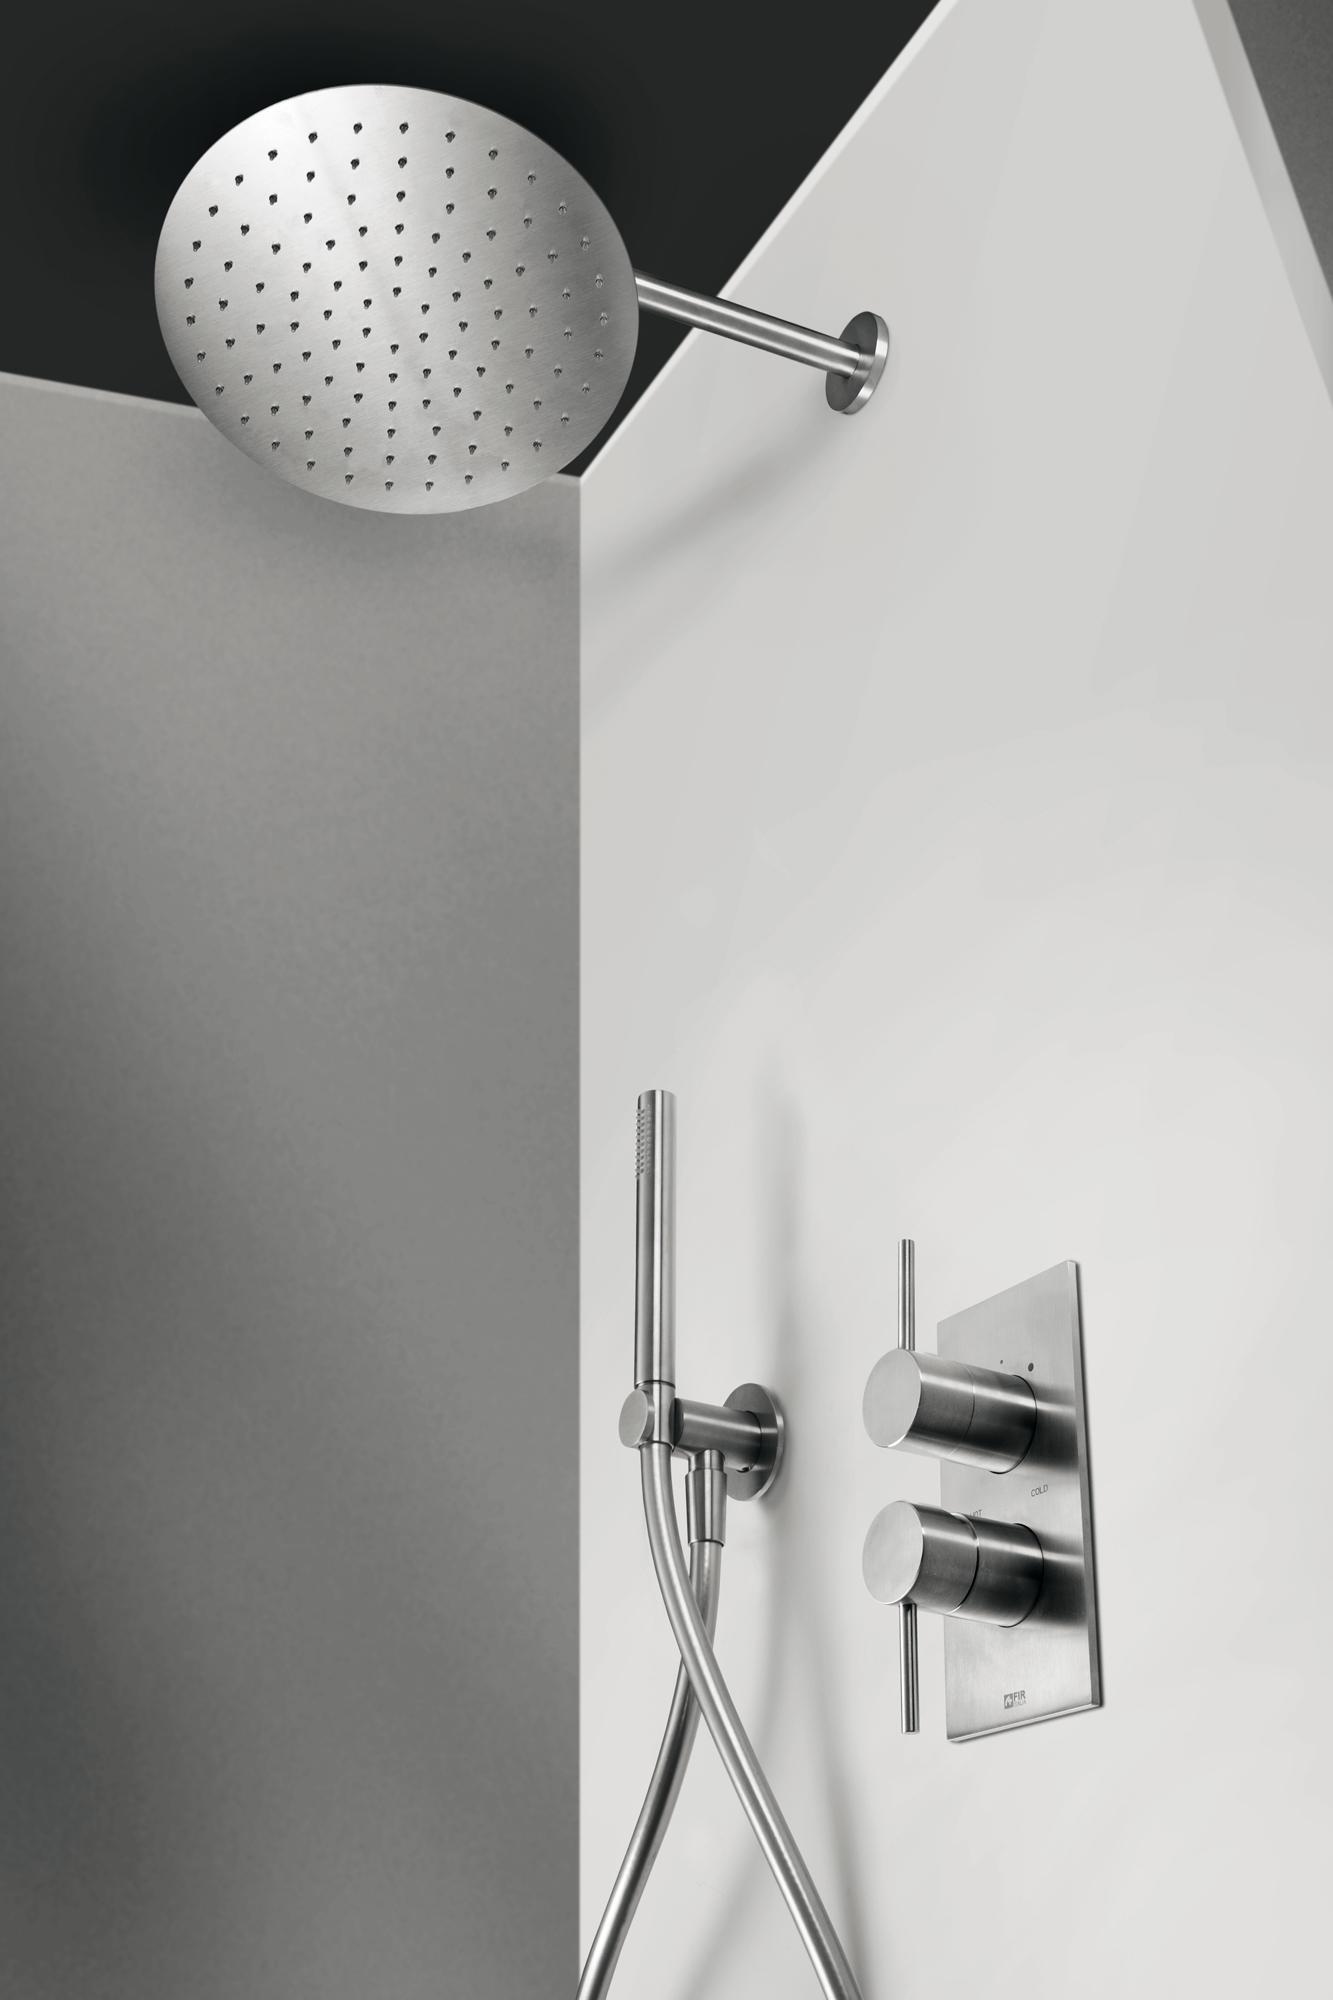 Configurazione doccia CleoSteel 48 con soffione doccia a parete, doccetta e miscelatore doccia. Finitura Acciaio Inox Spazzolato